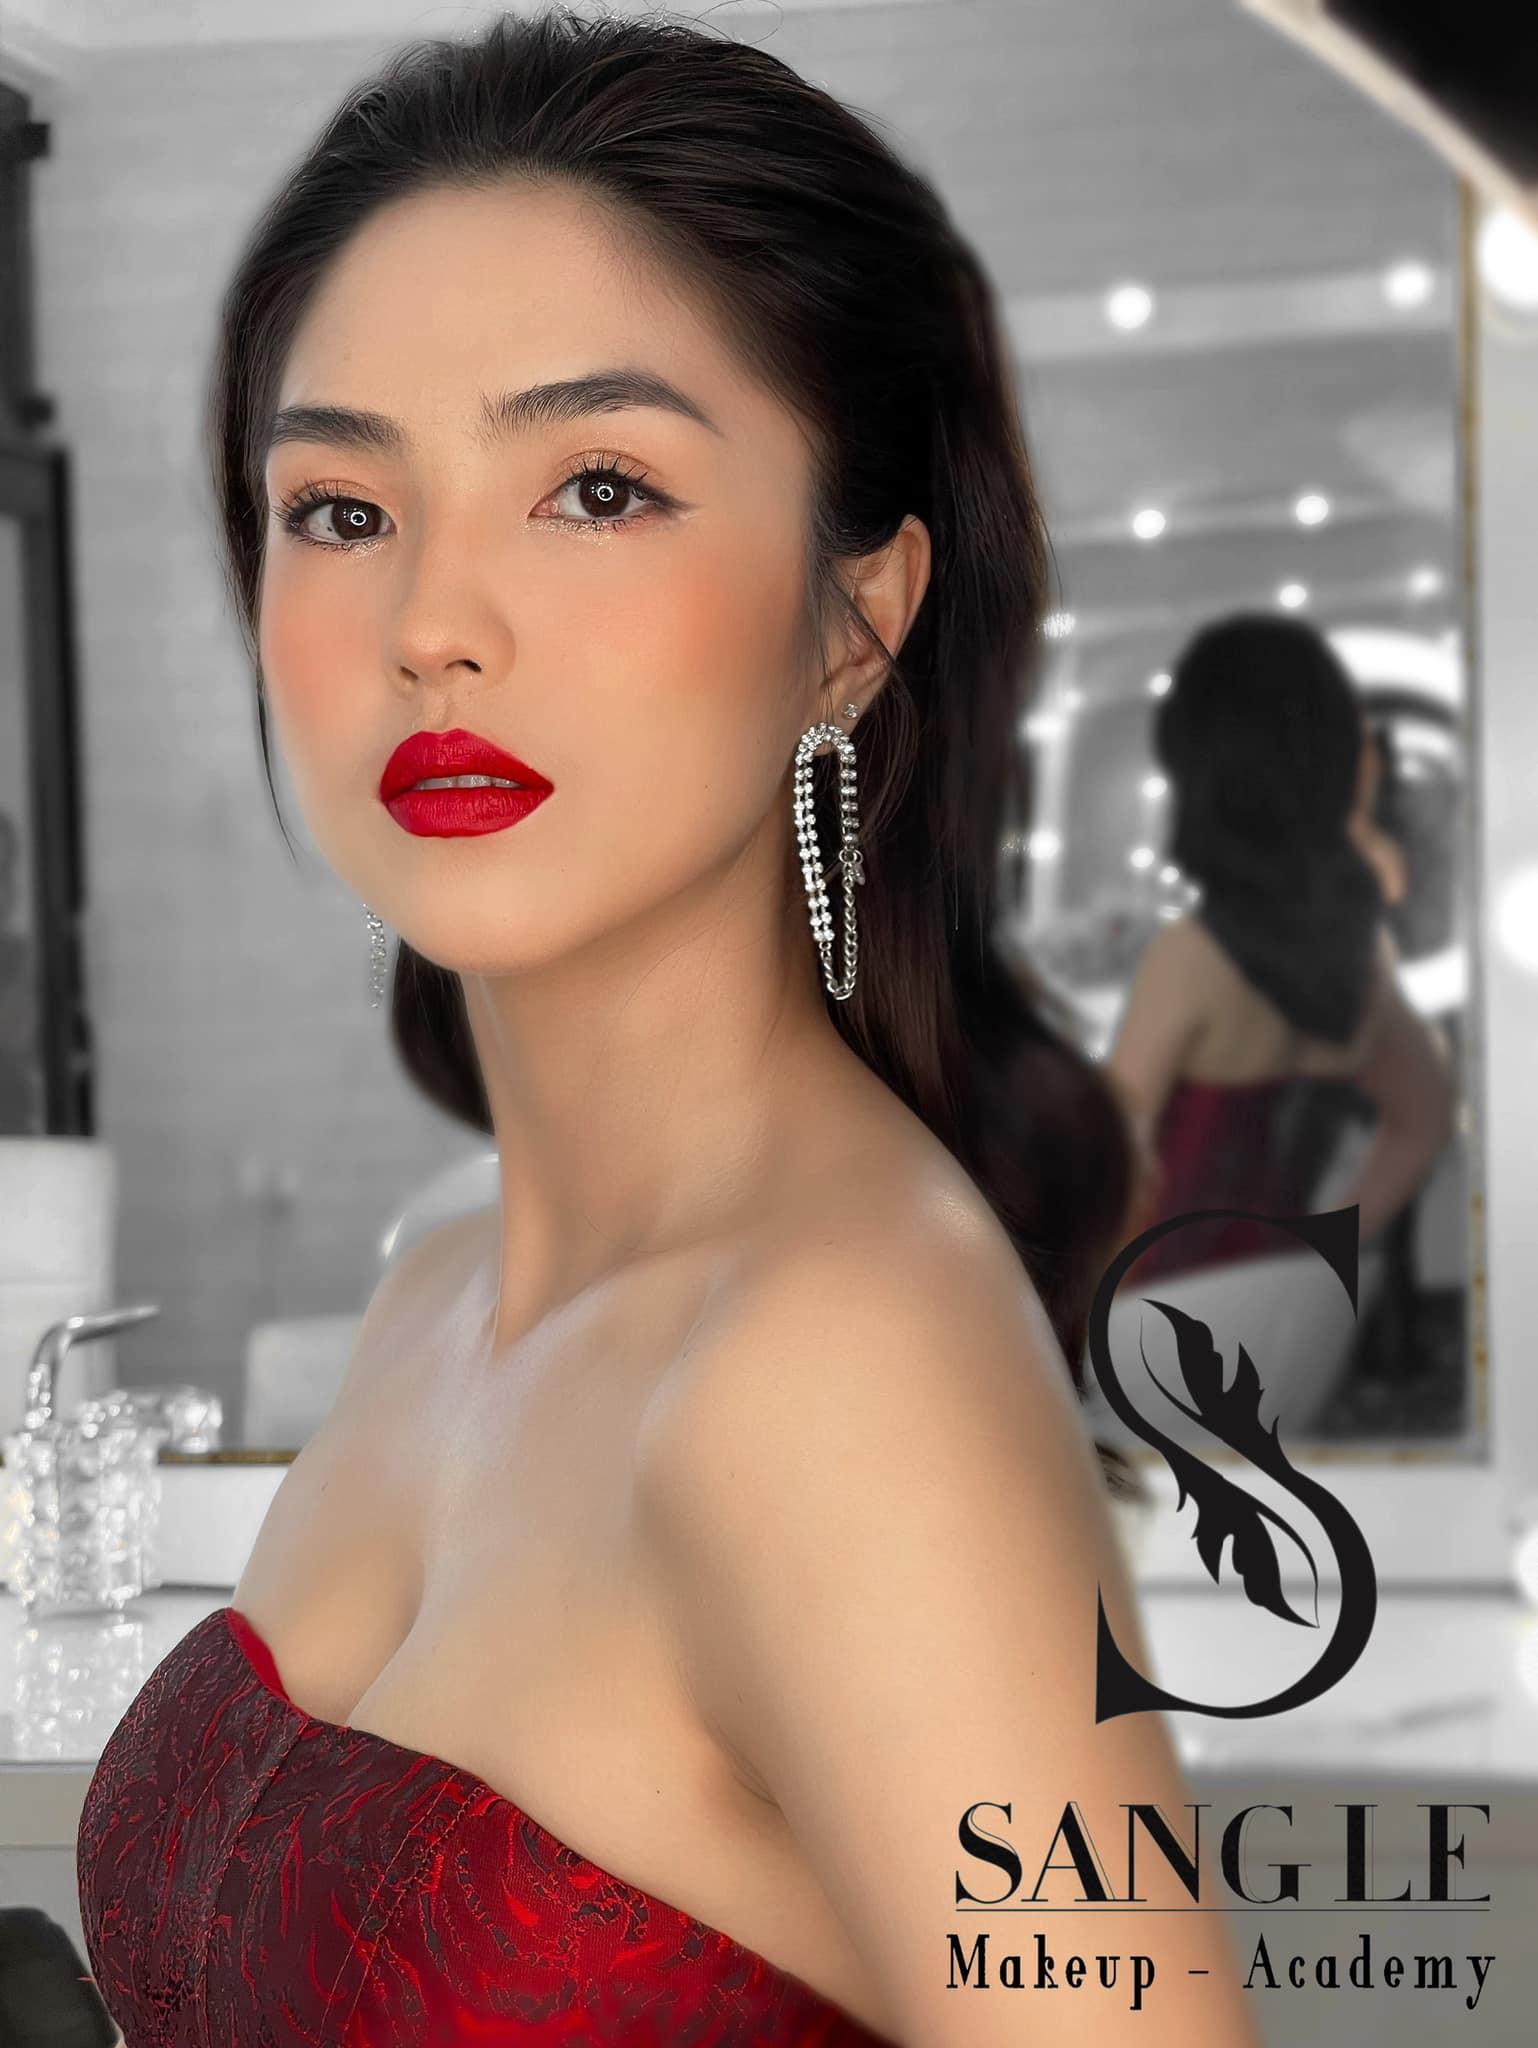 Top 7 tiệm trang điểm cô dâu đẹp nhất tại Cần Thơ -  Sang Lê Make up